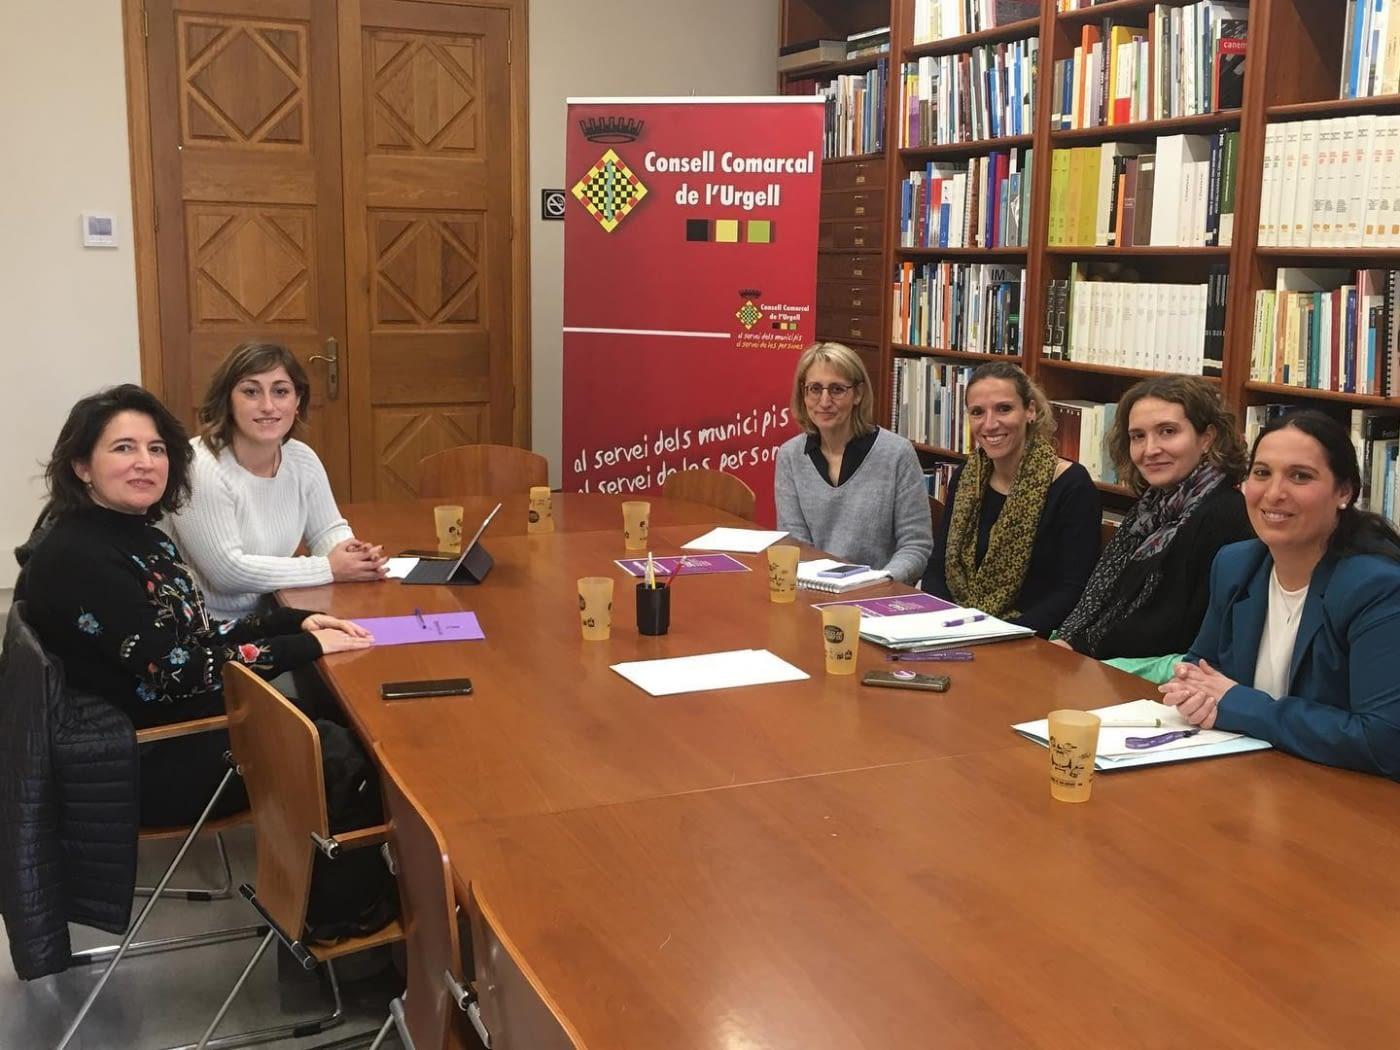 REUNIÓ AMB LA DIPUTADA PROVINCIAL DE L'ÀREA D'IGUALTAT, AL CONSELL COMARCAL